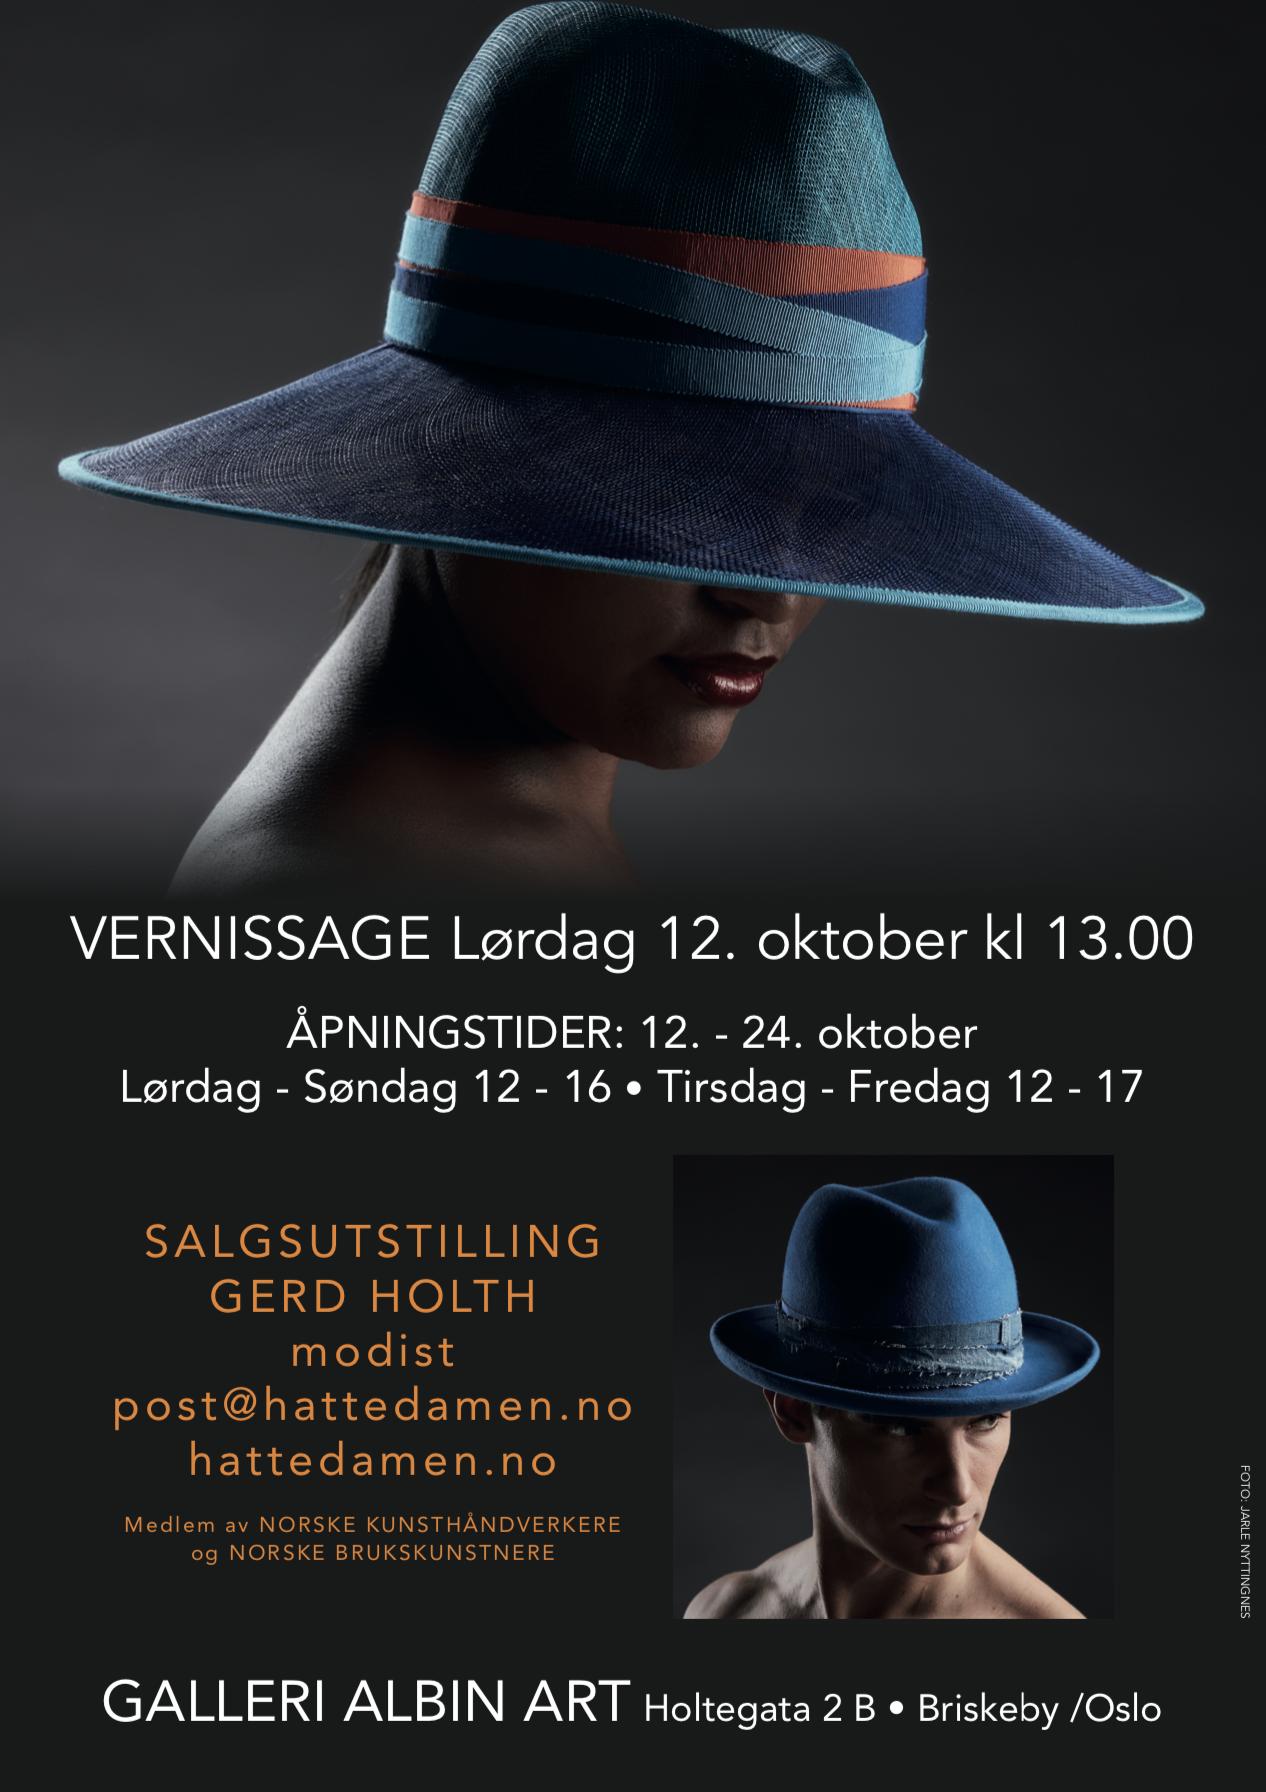 Skjermbilde+2019-09-22+21.35.24.png